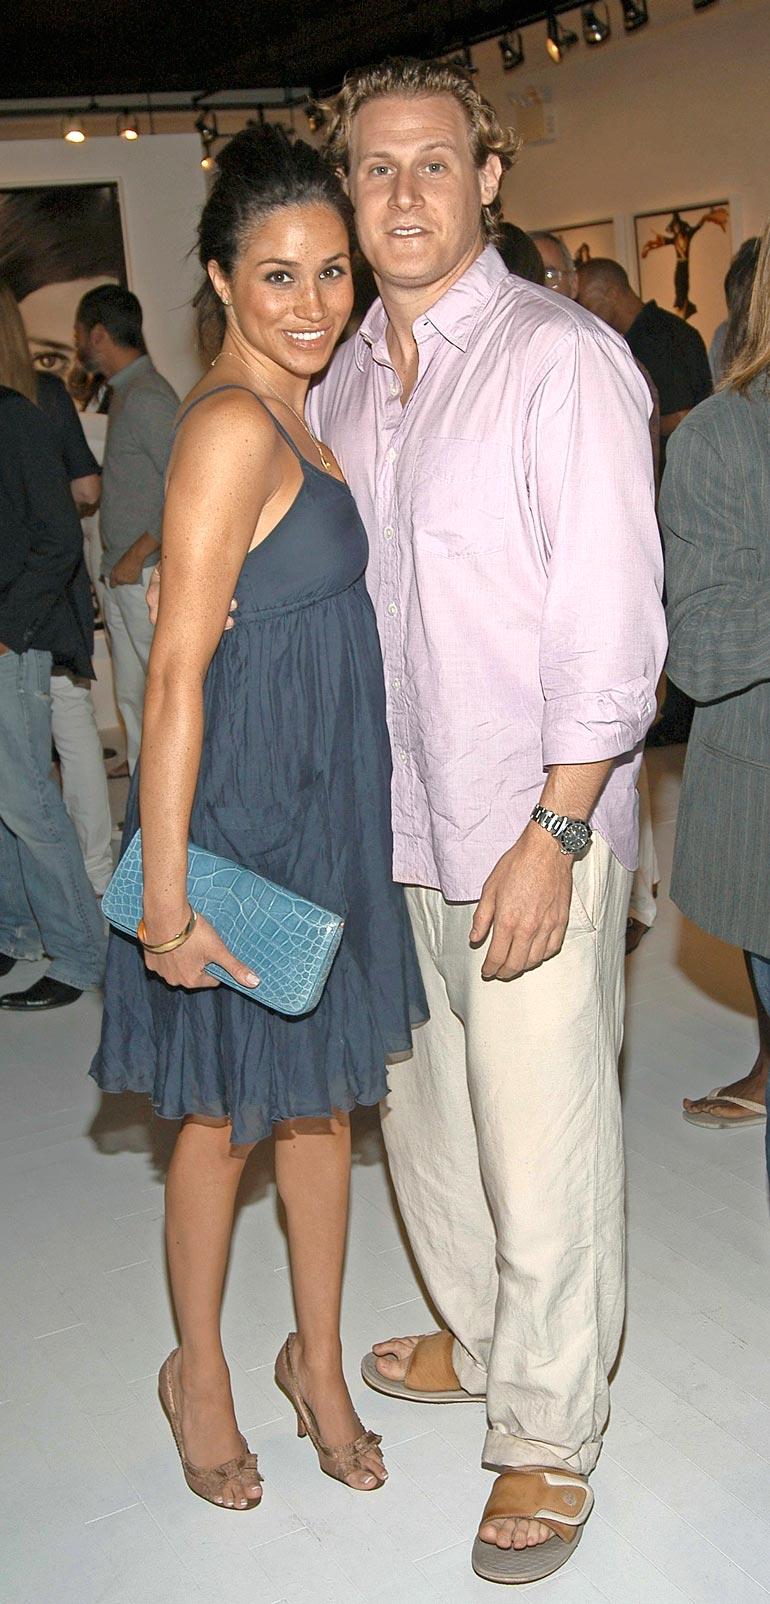 Meghanin ja Trevorin avioliitto kesti vain kaksi vuotta. He erosivat vuonna 2013.